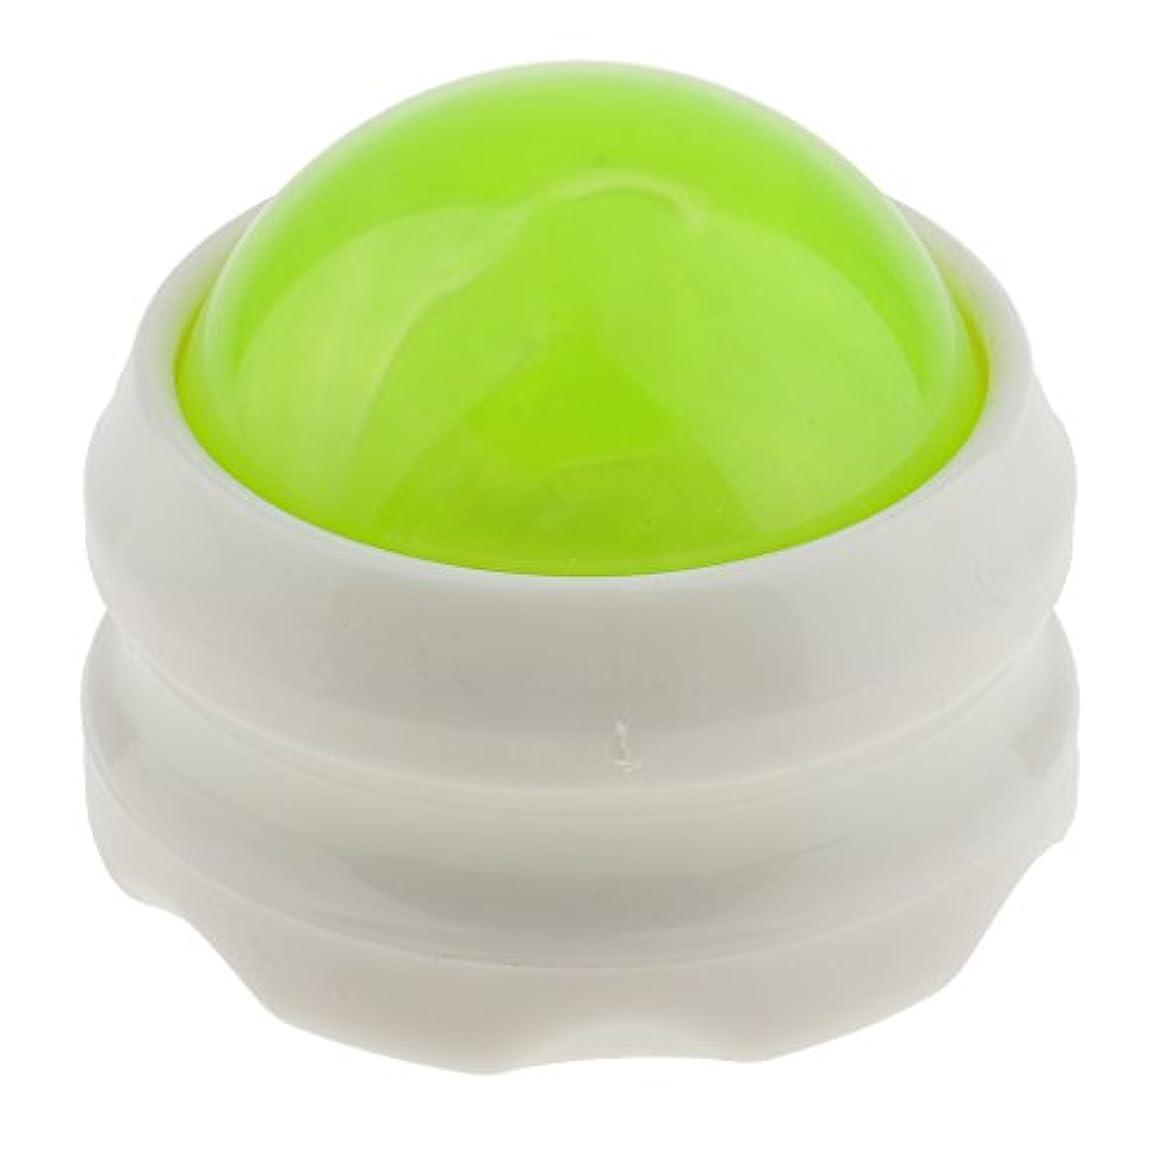 パドル憲法有効化マッサージ ローラーボール ボディ バック ネック フット セルフマッサージツール 全4色 - グリーンホワイト